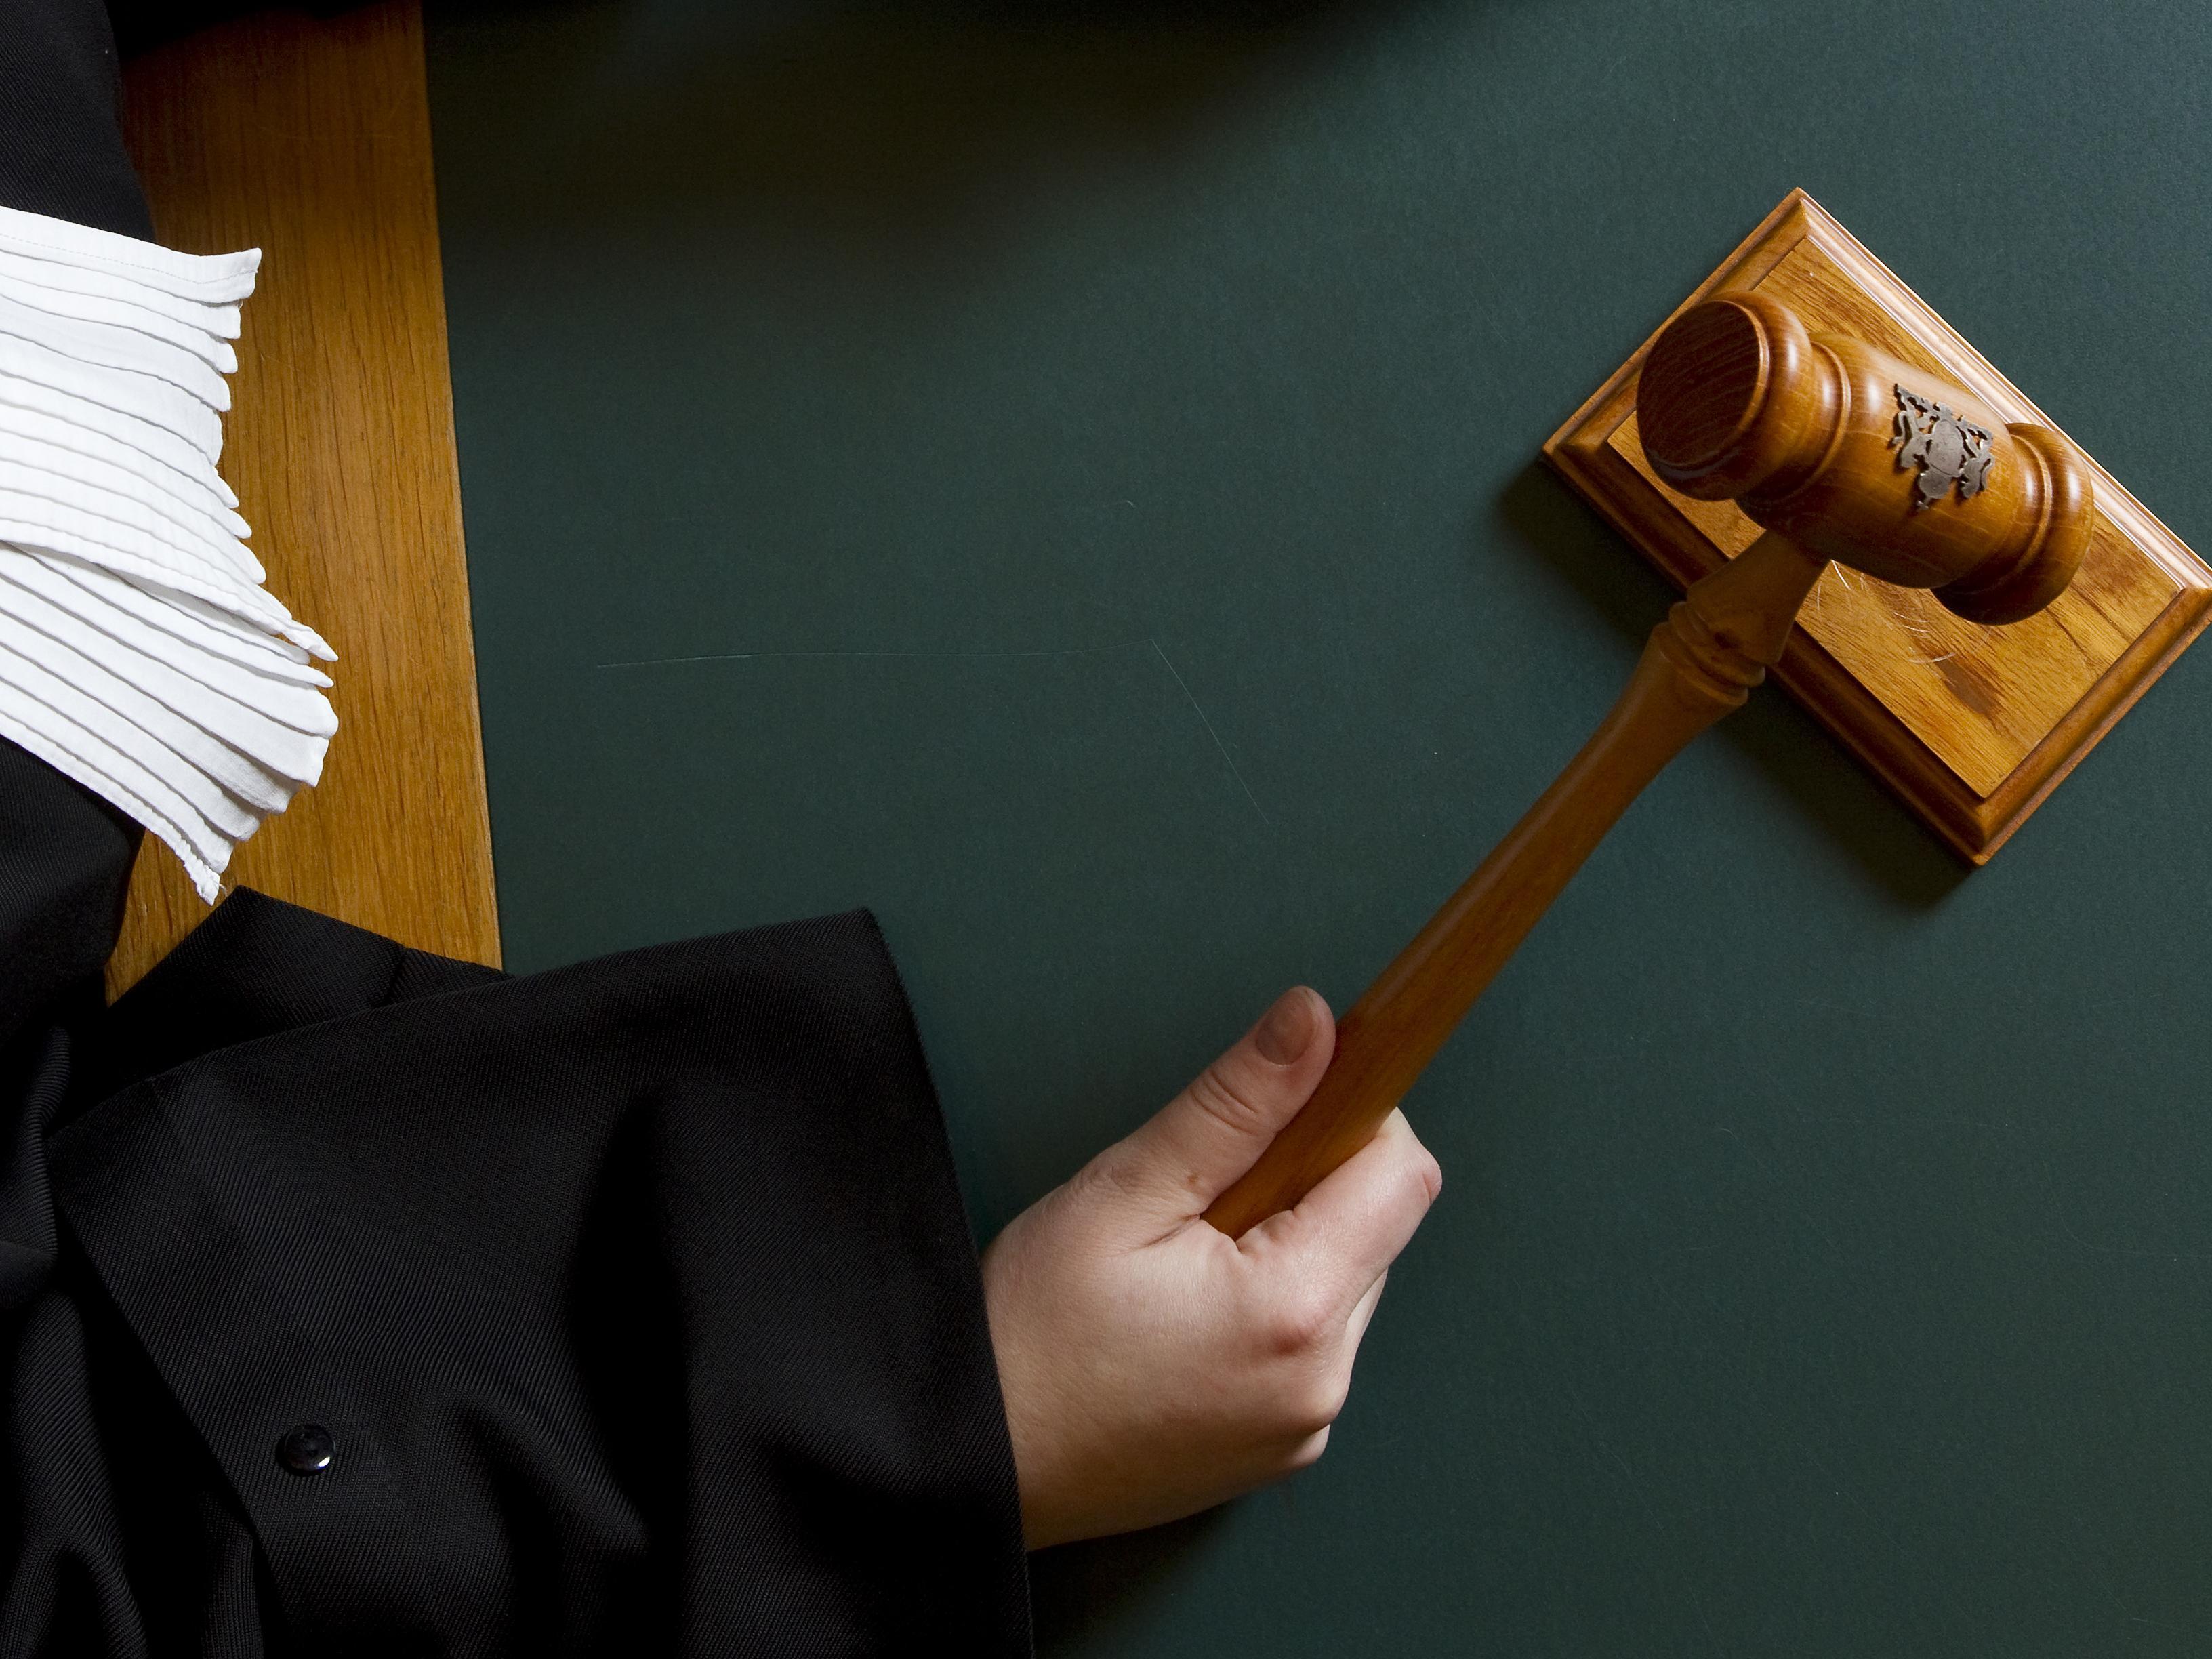 Soesterberger krijgt werkstraf voor dichtknijpen keel van vrouw